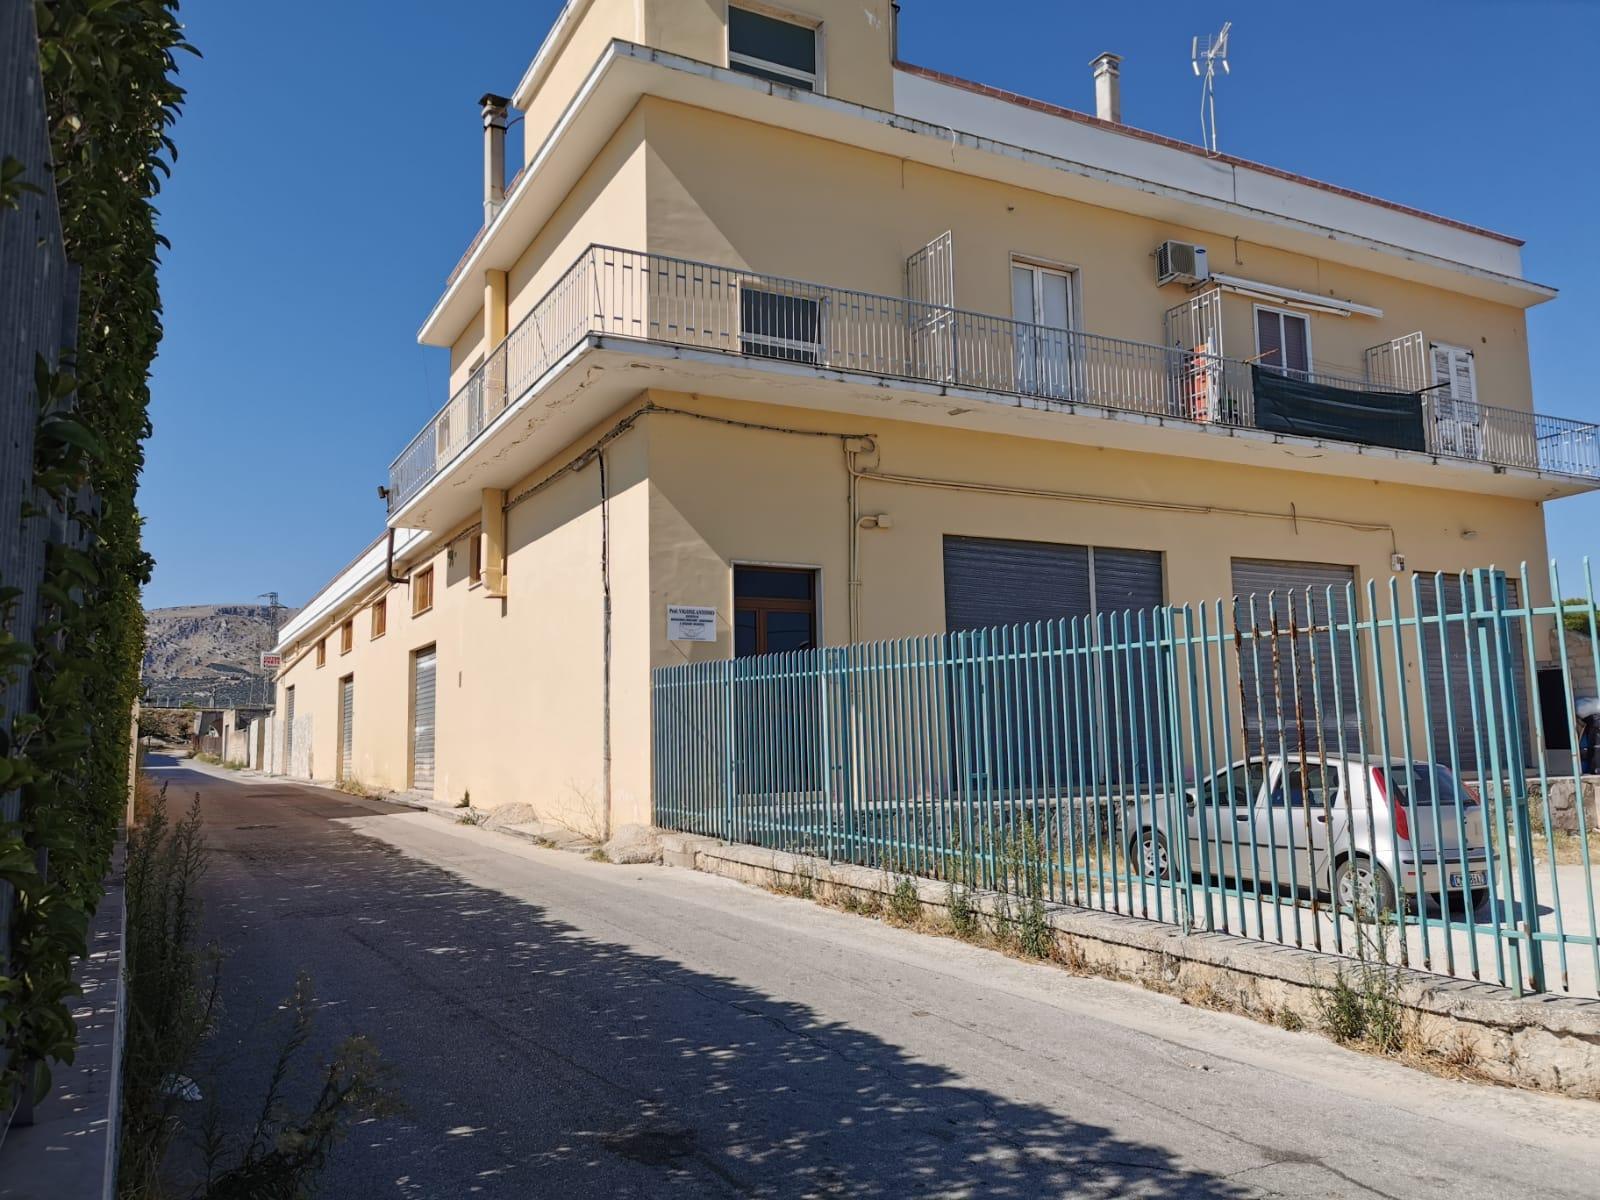 Foto 1 - Laboratorio/magazzino in Vendita a Manfredonia - Viale Padre Pio - Posta del Fosso